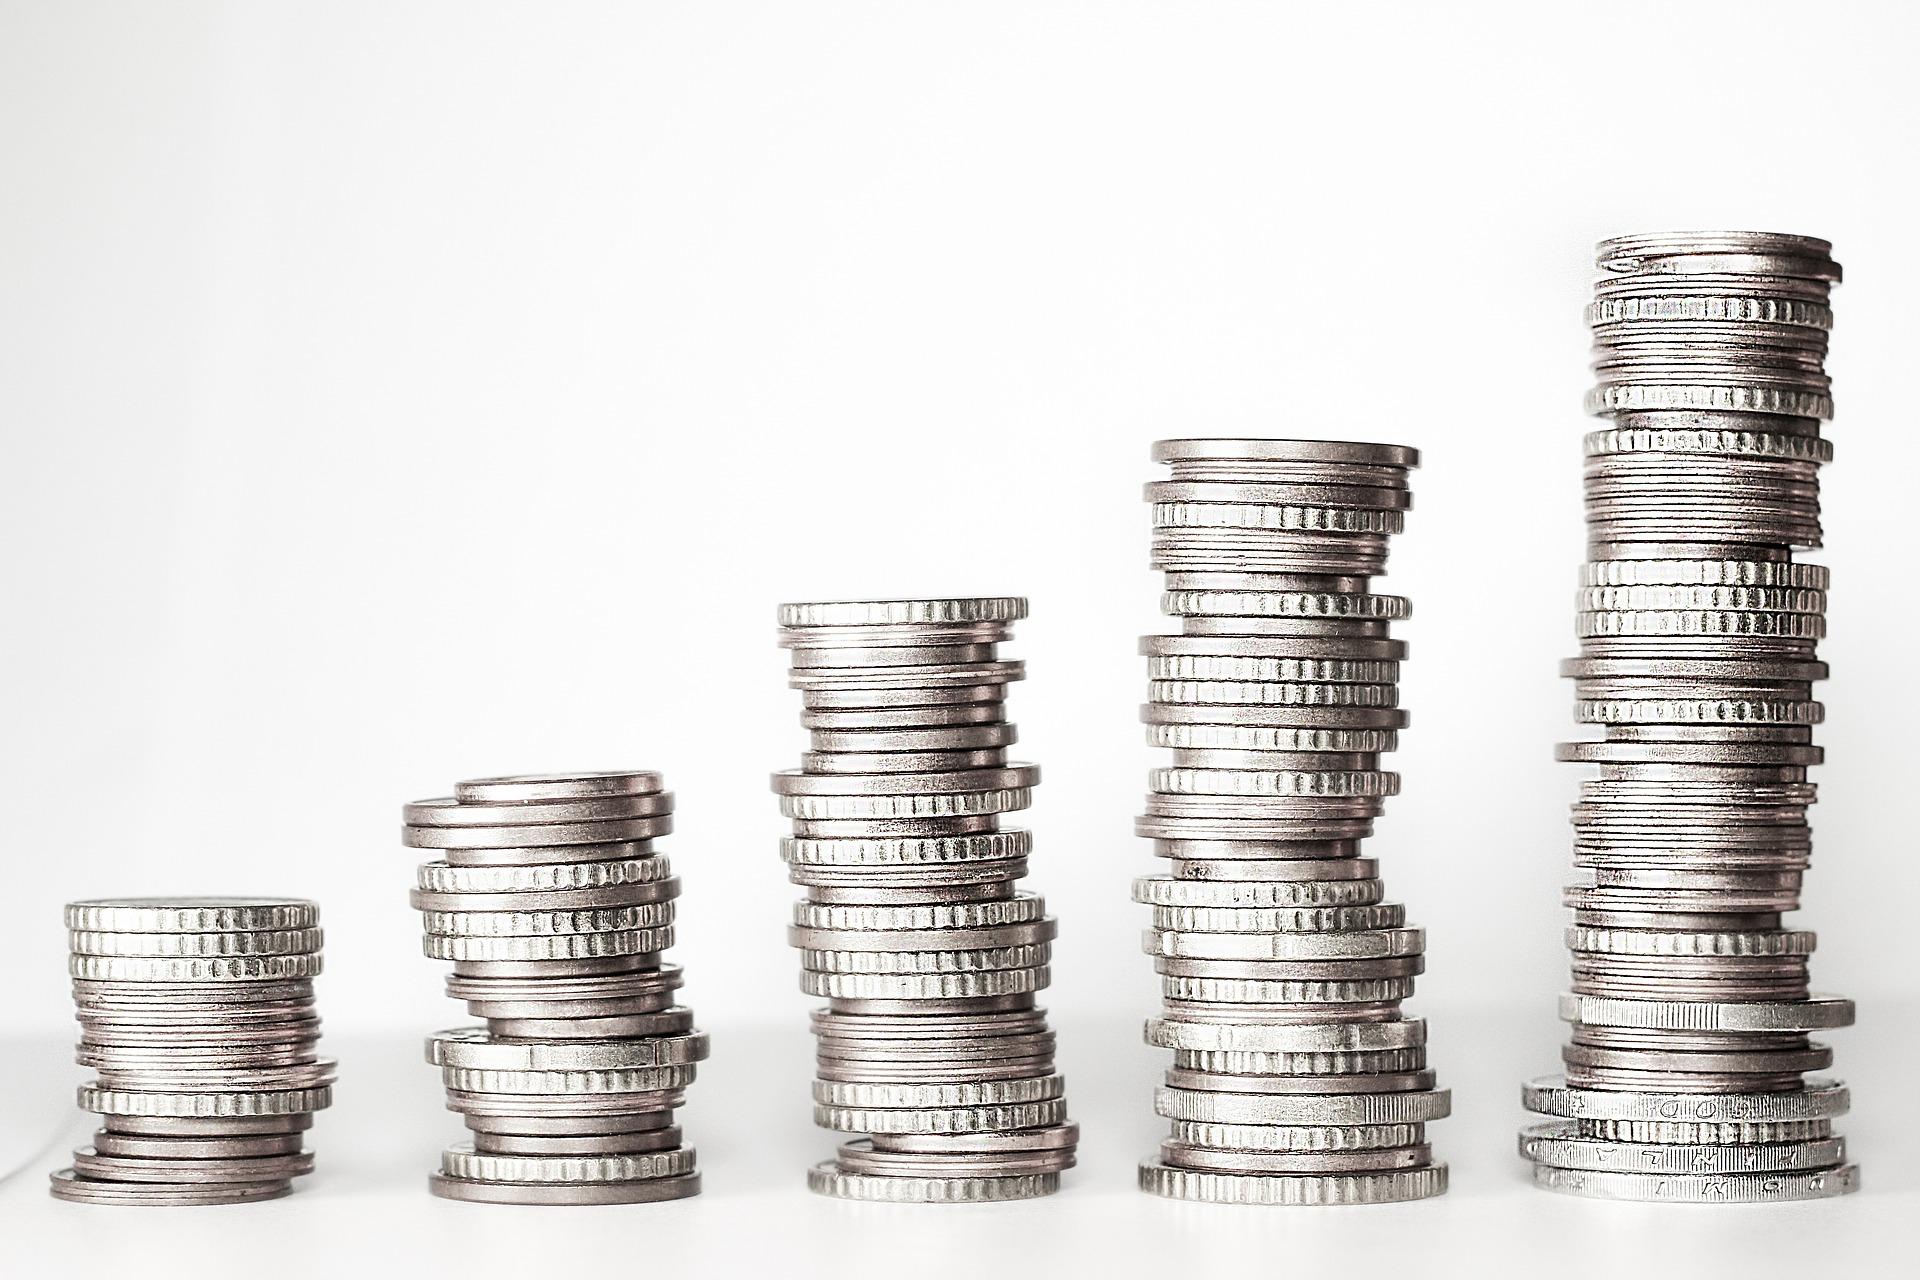 Jaká jsou pravidla pro rozdělování a výplatu podílu na zisku po novele ZOK?